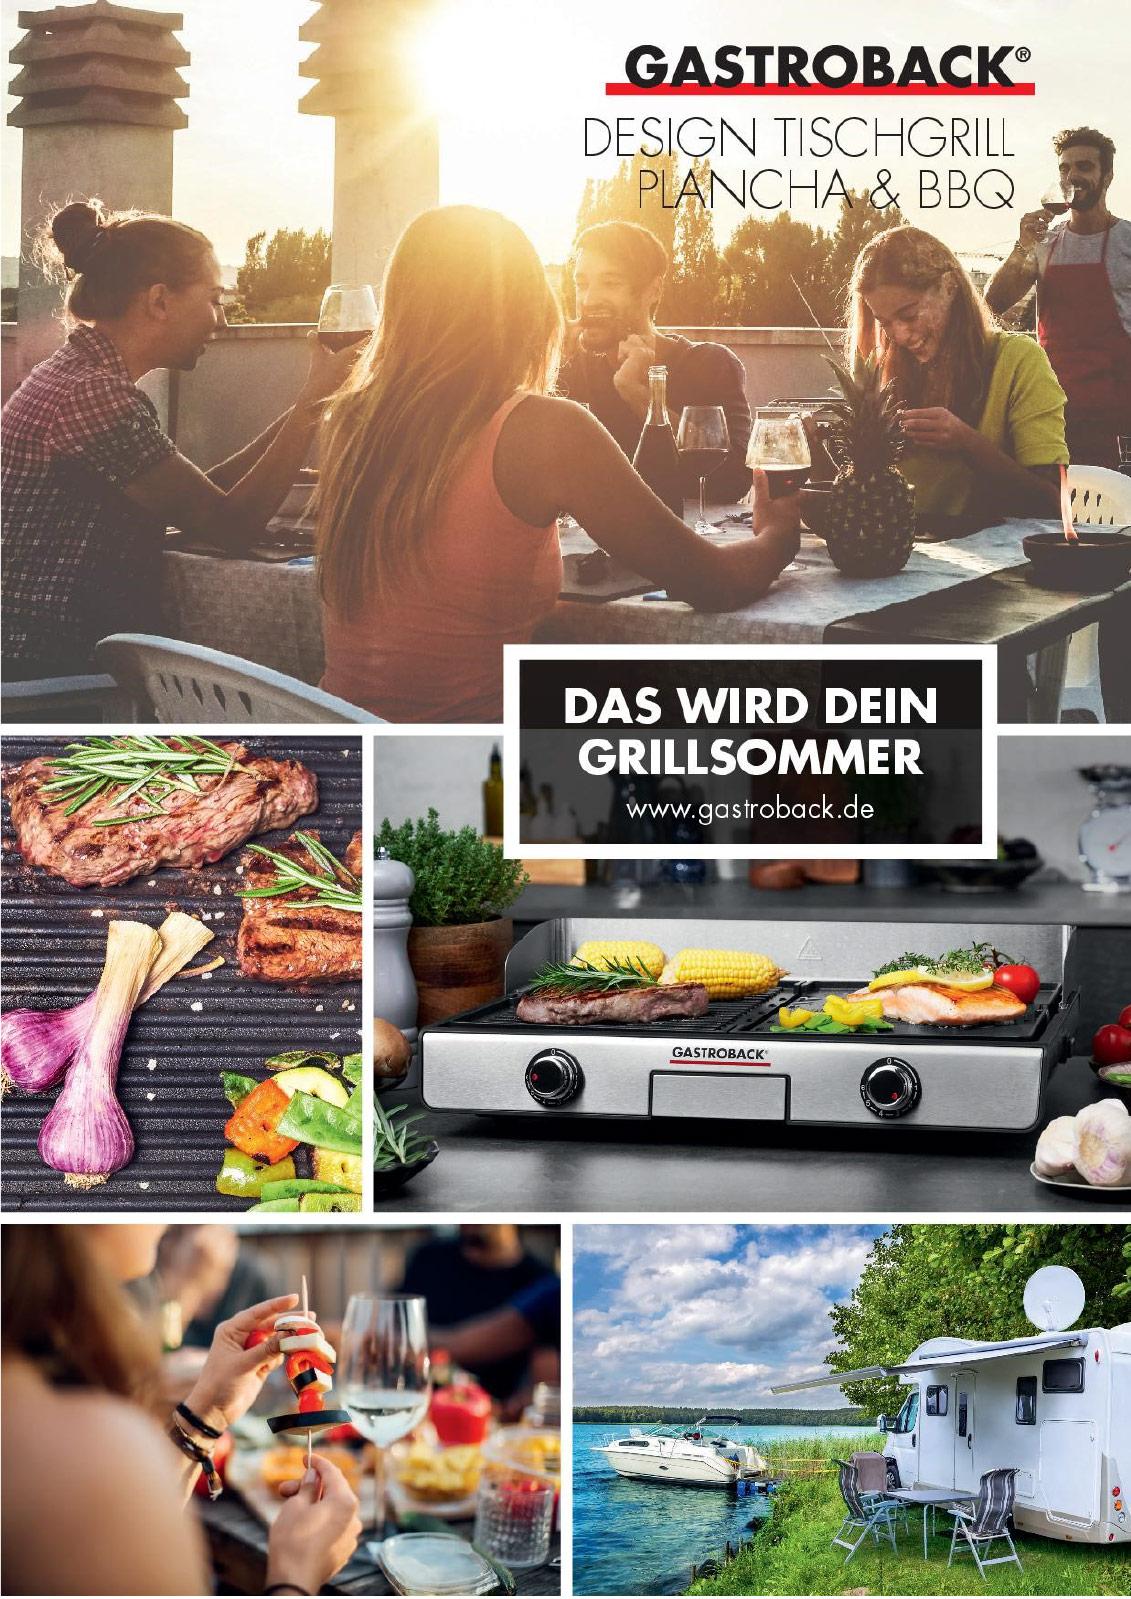 Gastroback Tischgrill Planche&BBQ Produktblatt